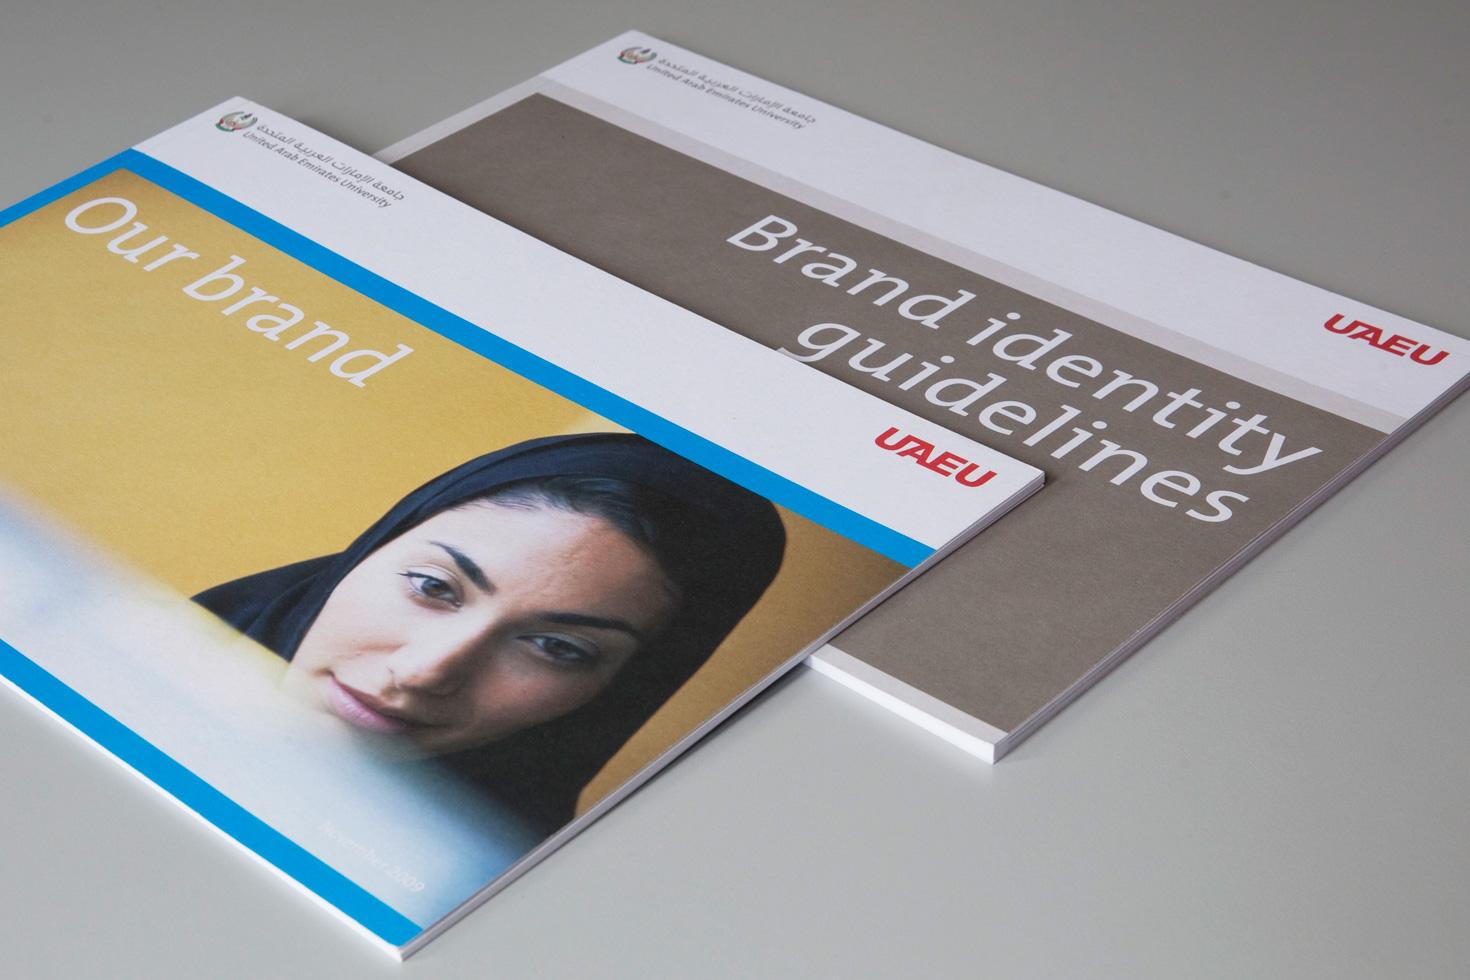 UAEU guidelines